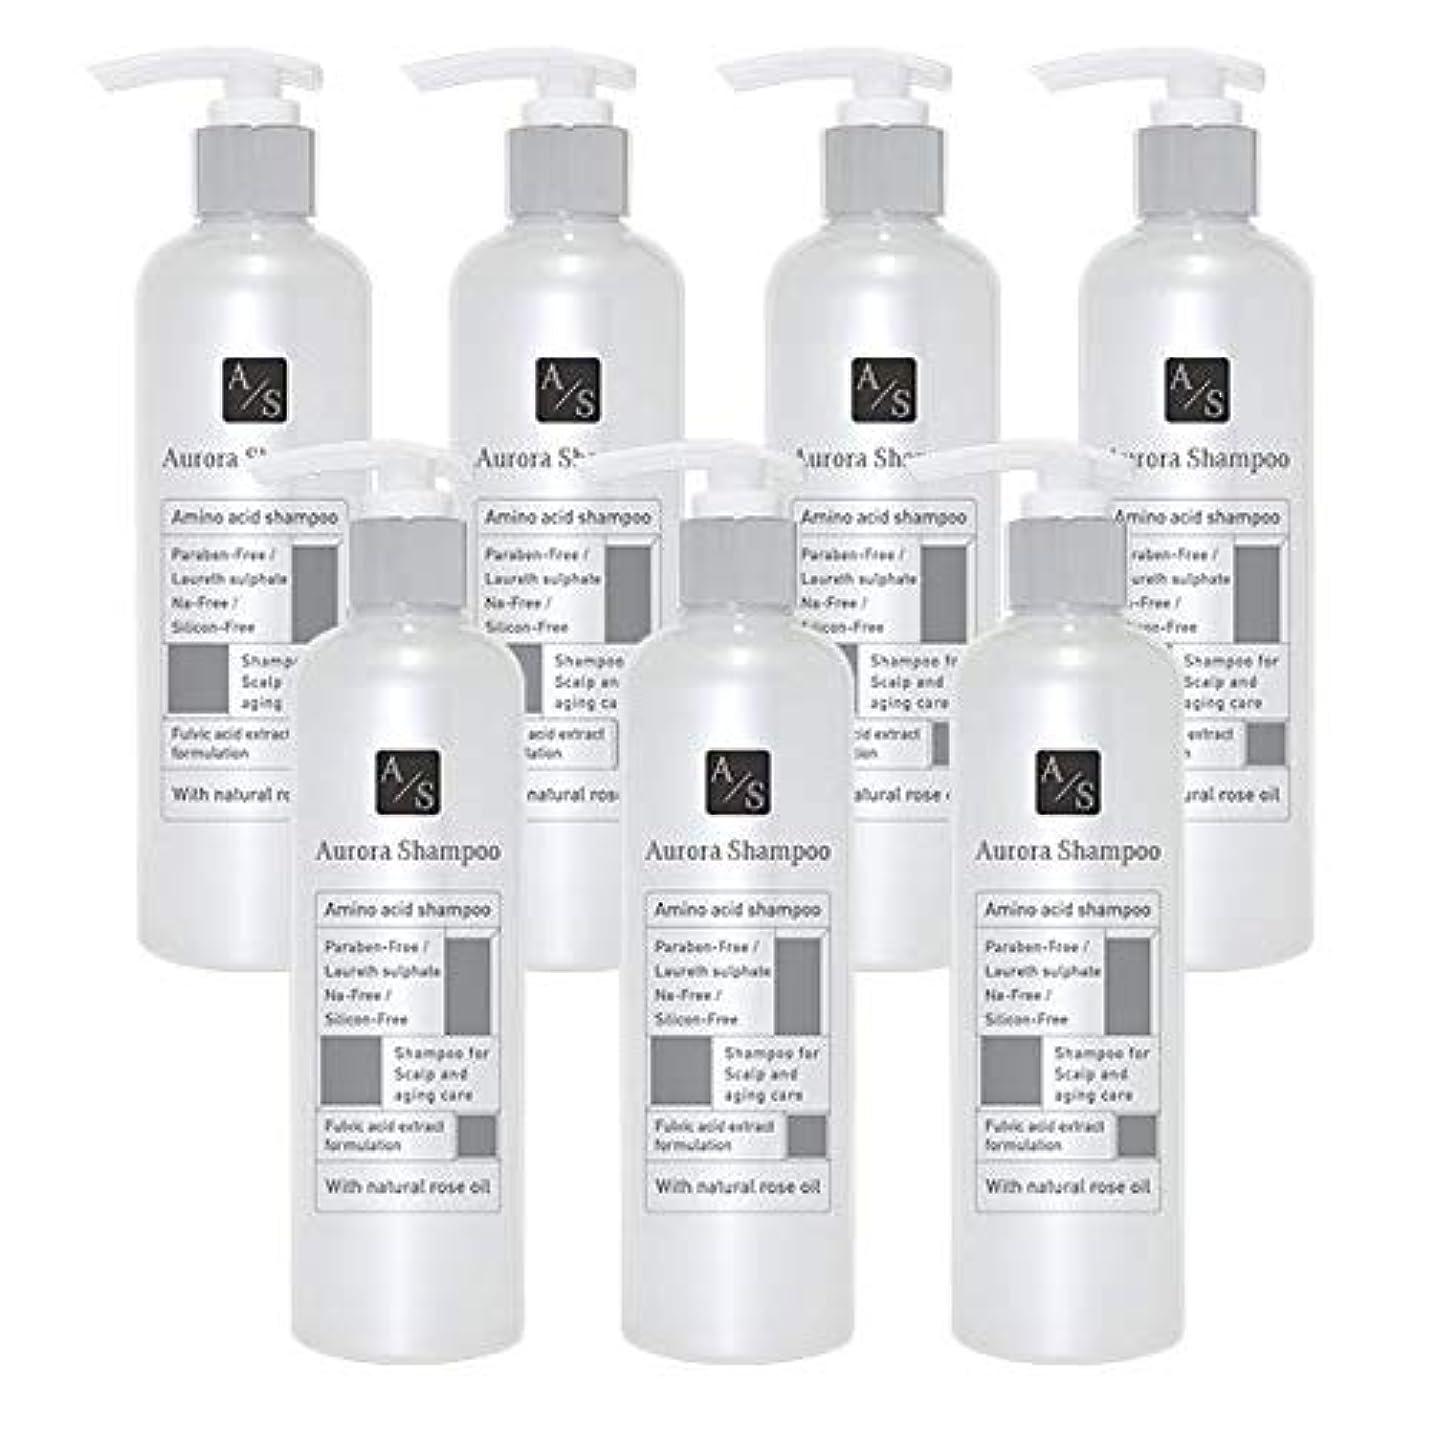 いくつかのノミネートスティックバレエジャポン「オーロラシャンプー」フルボ酸 ミノキシジル誘導体 スカルプケア オーガニックアミノ酸シャンプー300ml (7本限定ラベル)